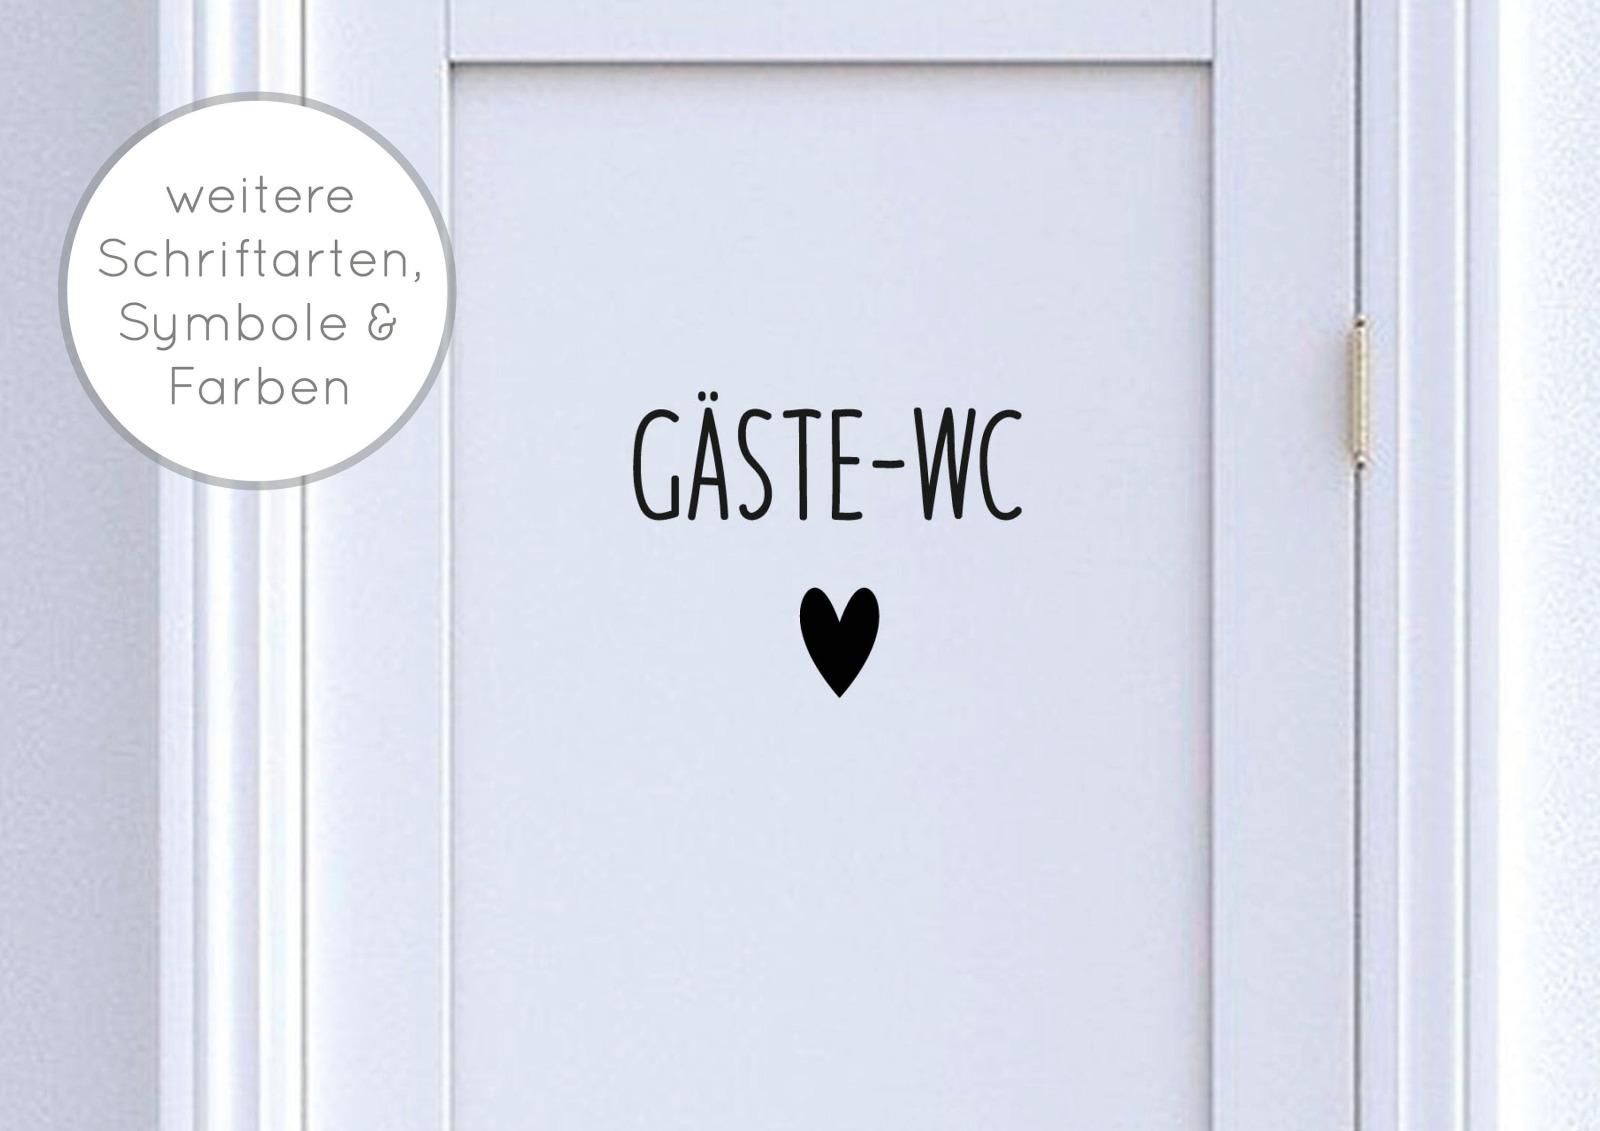 Türschild Gäste-WC mit Symbol